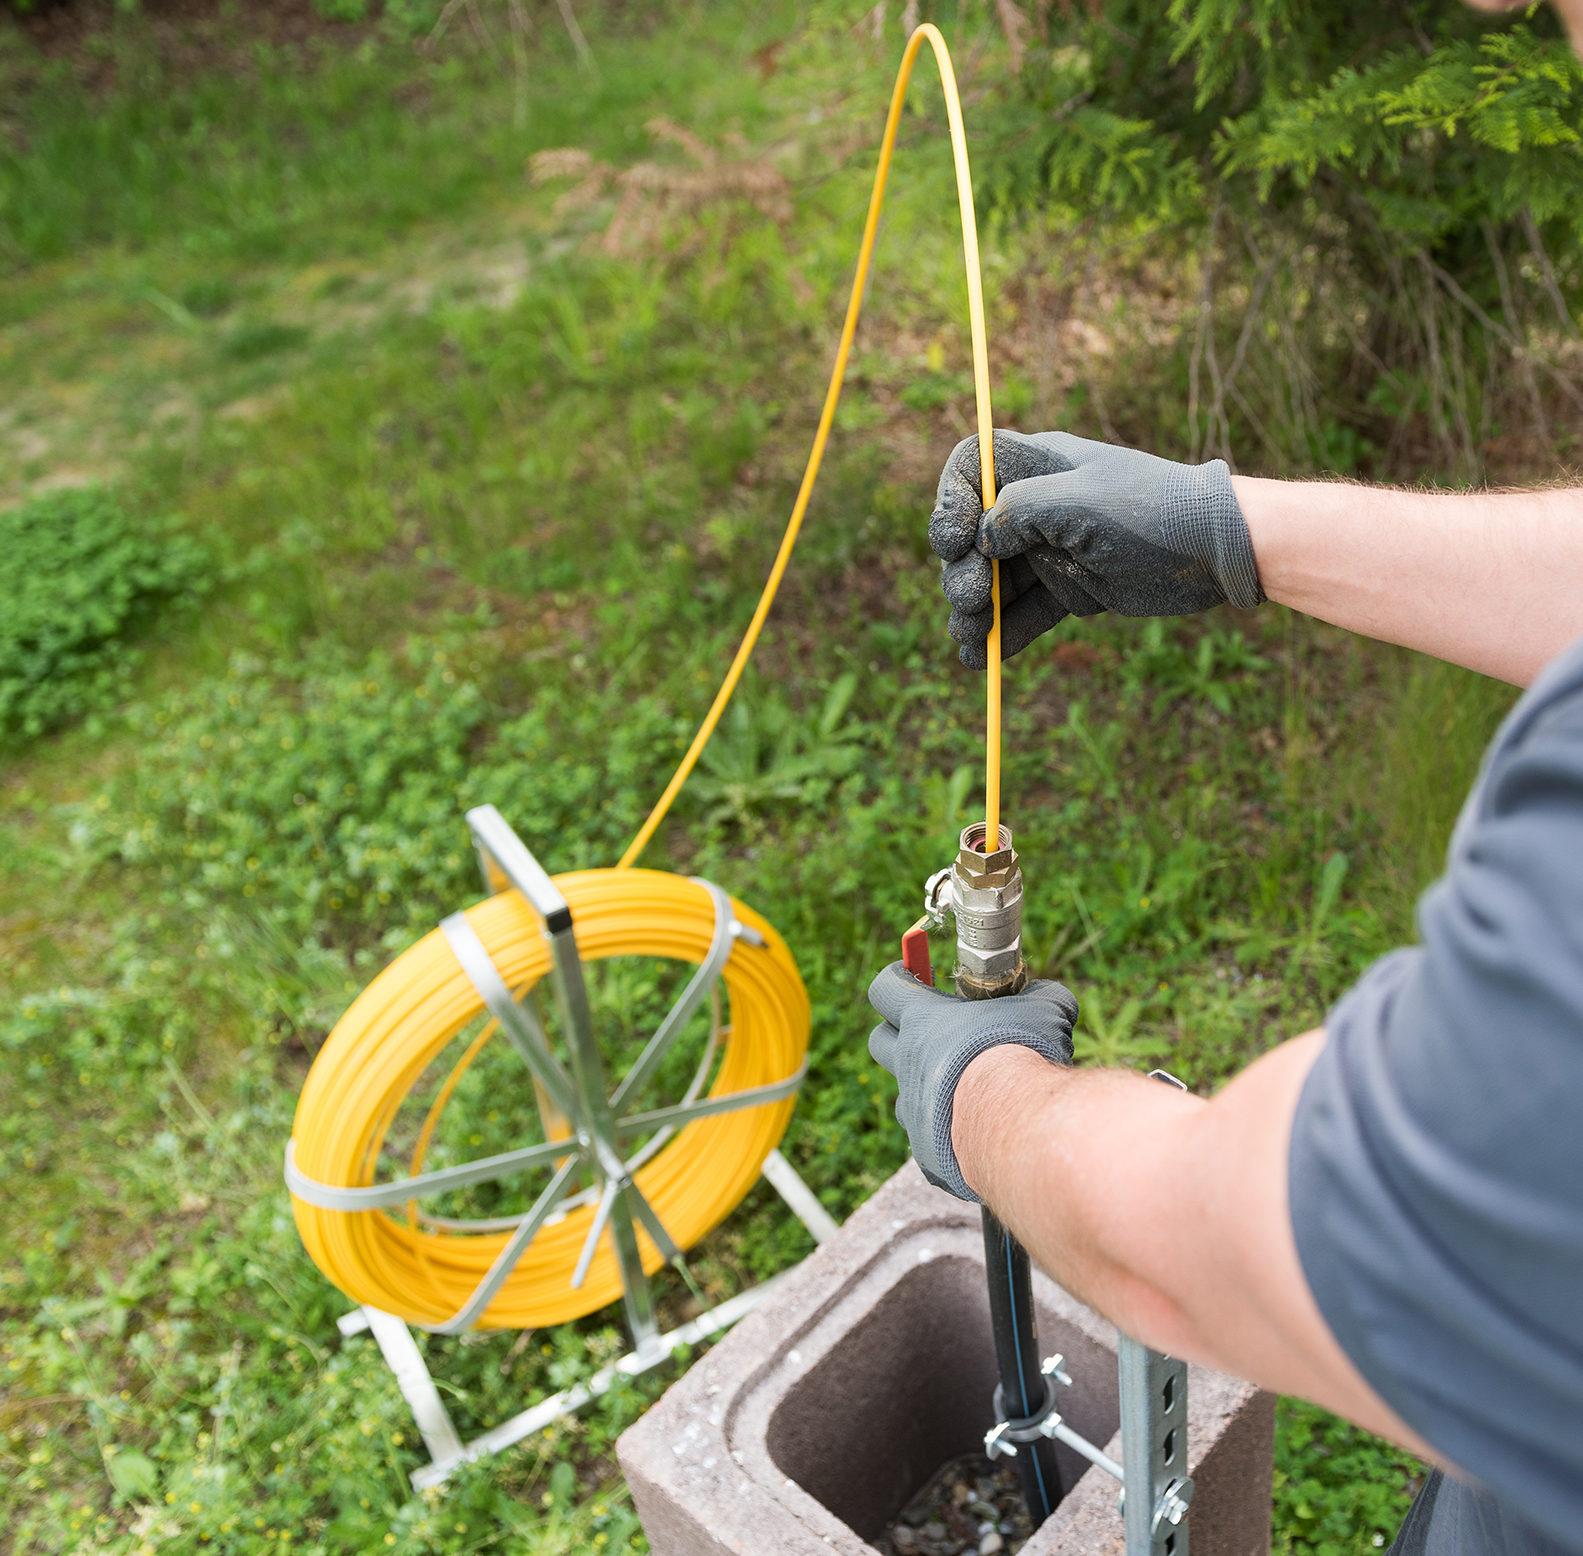 Service de recherche de fuite d g ts des eaux n wa - Refaire plafond apres degats des eaux ...